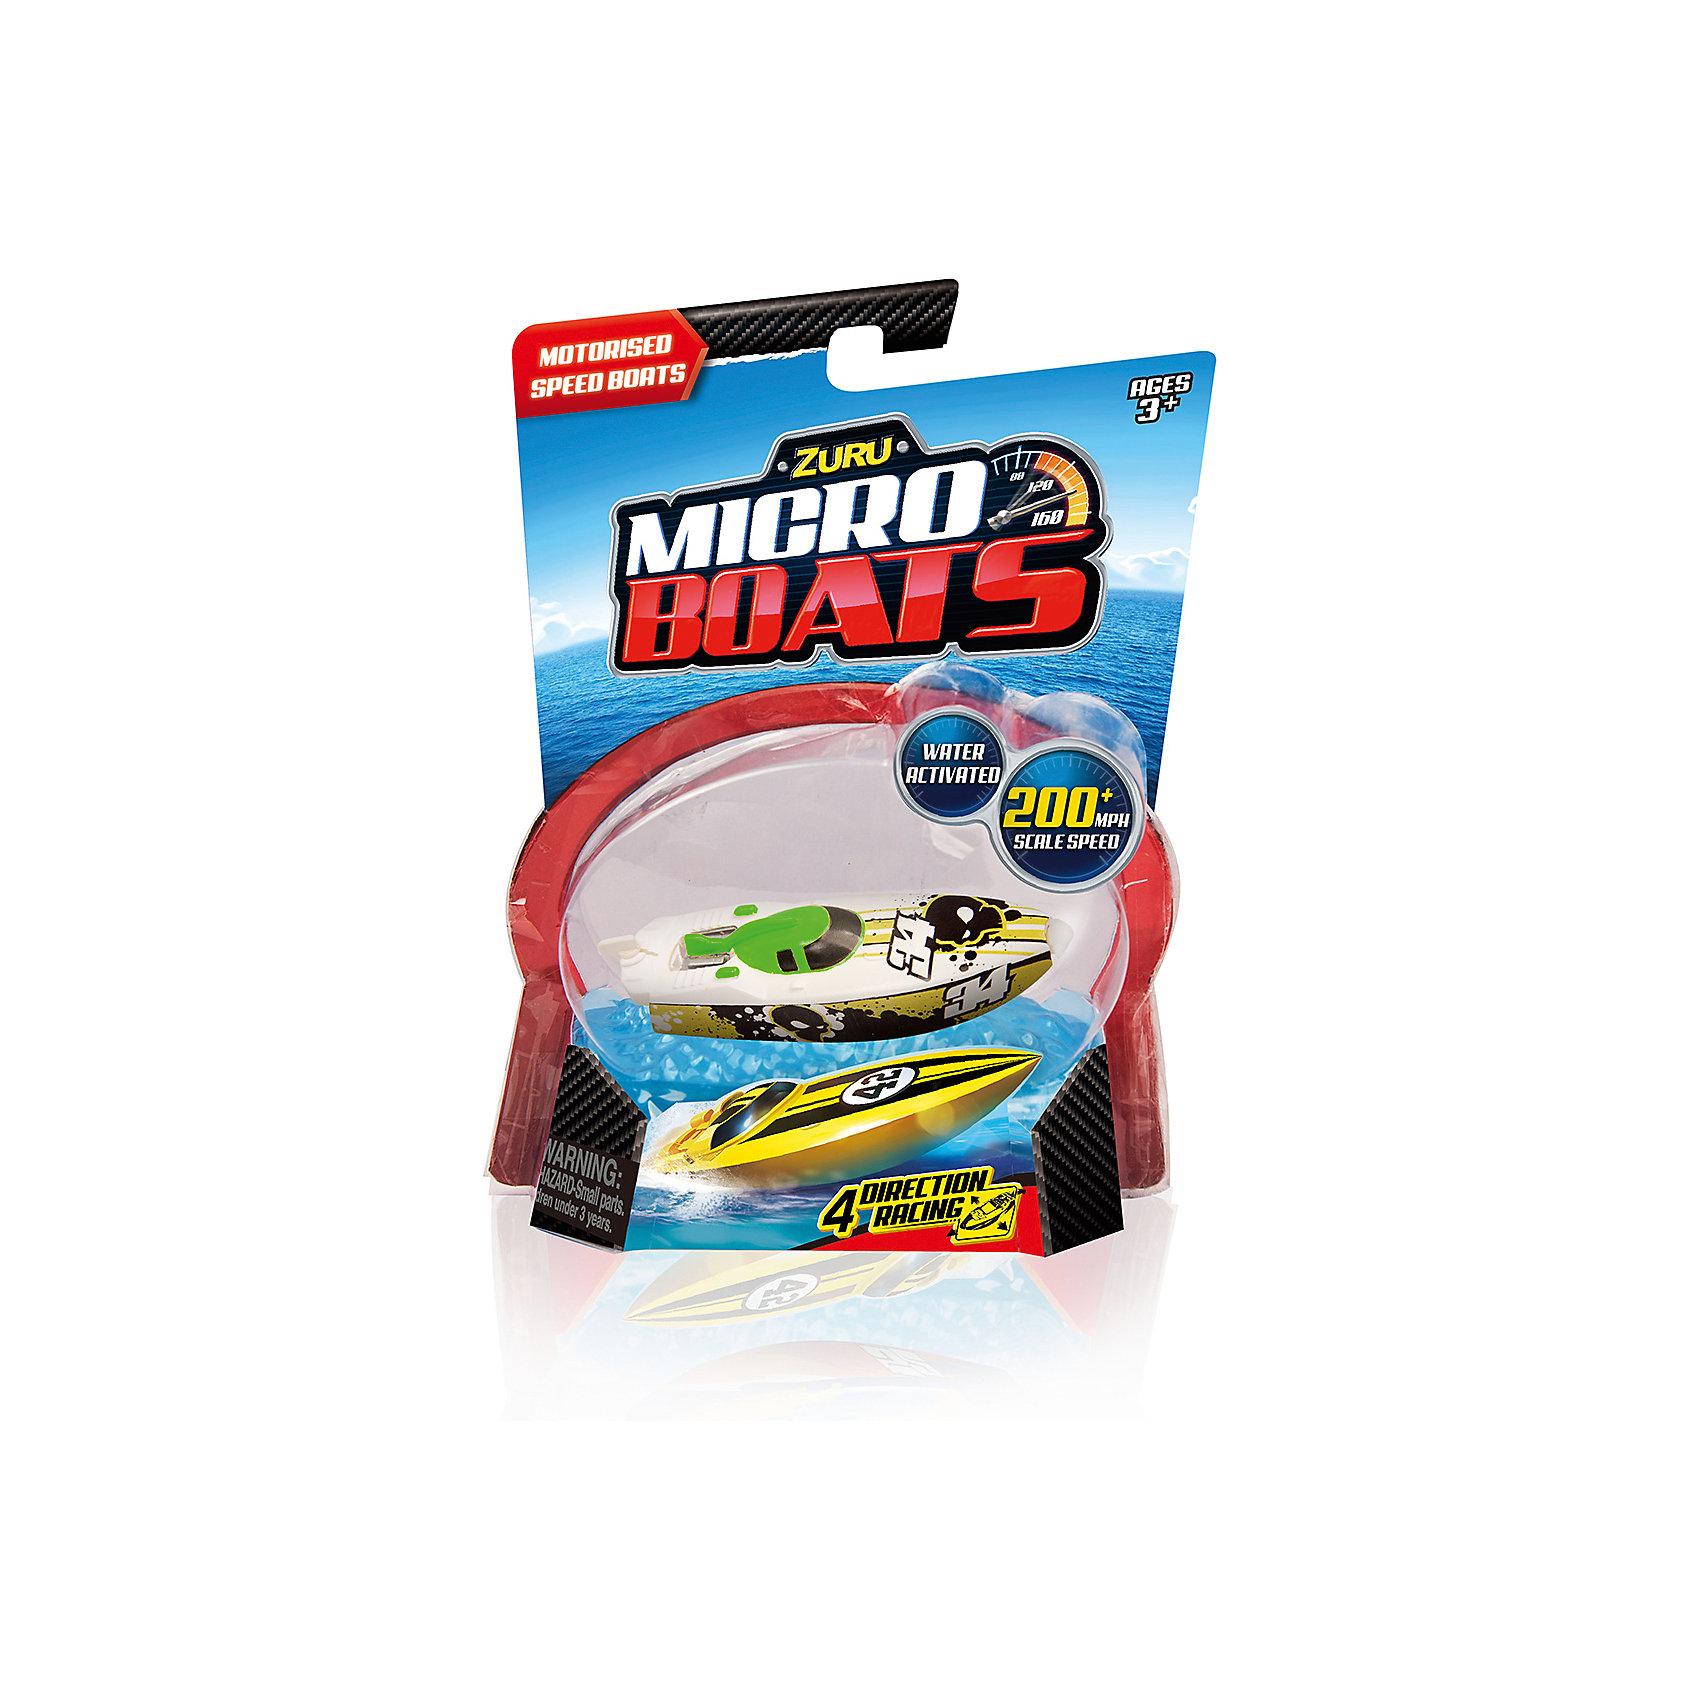 Роболодка, желто-белая, MICROBOATS, ZuruЗаводные игрушки<br>Характеристики товара:<br><br>• возраст от 3 лет<br>• материал: пластик<br>• длина лодки 10 см<br>• тип батареек: 2 х AG13 / LR44 (миниатюрные)<br>• наличие батареек: входят в комплект<br>• размер упаковки 20х15х7,3 см<br>• вес упаковки 80 г.<br>• упаковка: блистер на картоне<br>• страна бренда: Новая Зеландия<br>• страна производитель: Китай<br><br>Роболодка Microboats Zuru бело-желтая разнообразит купание малыша в ванной. При спуске лодки на воду срабатывает сенсорный датчик, и лодочка начинает плыть. Лодка умеет плавать в 4 разных направлениях, а при столкновении с препятствием начинает плыть назад. Малыш может брать лодку в собой не только в ванную, но и запускать ее в бассейне или водоеме, чтобы весело провести время. <br><br>Игрушка изготовлена из качественного безопасного пластика с использованием нетоксичных красителей. Работает от 2 батареек LR44 (в комплекте).<br><br>Роболодку Microboats Zuru можно приобрести в нашем интернет-магазине.<br><br>Ширина мм: 73<br>Глубина мм: 150<br>Высота мм: 200<br>Вес г: 80<br>Возраст от месяцев: 36<br>Возраст до месяцев: 2147483647<br>Пол: Унисекс<br>Возраст: Детский<br>SKU: 5528470